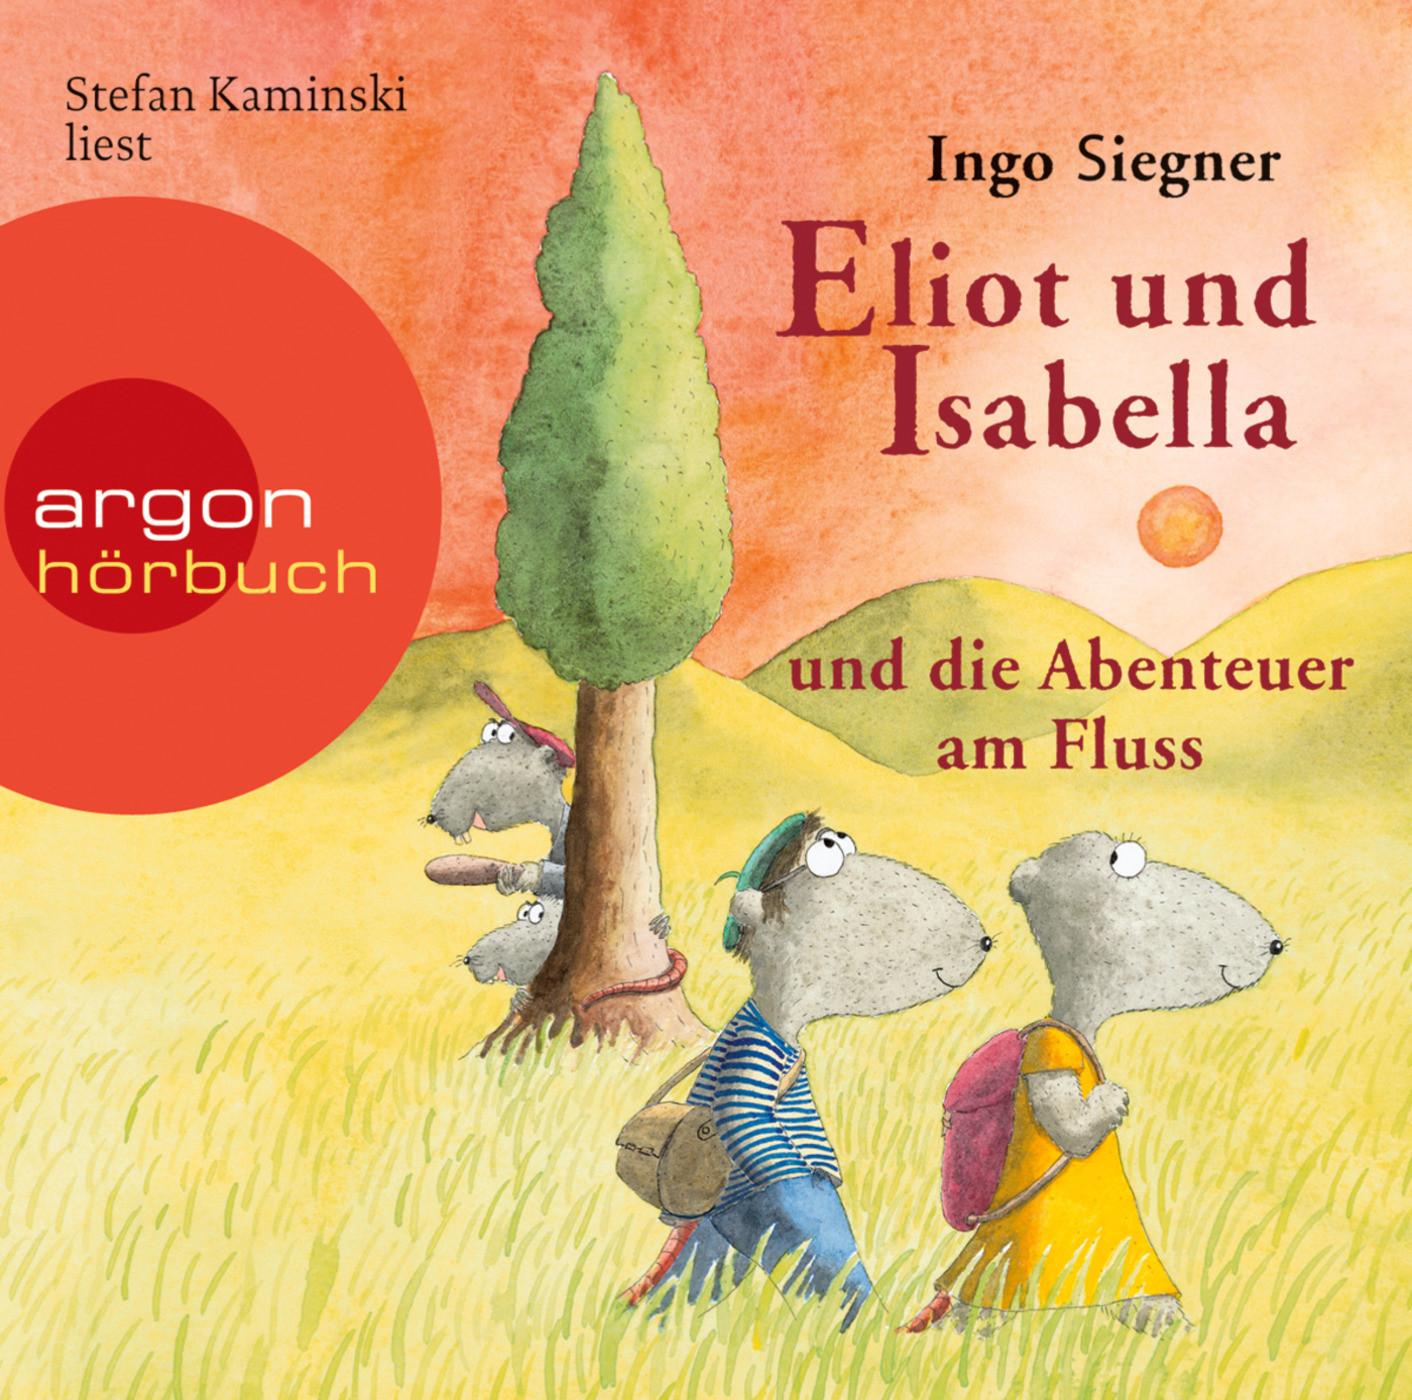 Ingo Siegner - Eliot und Isabella und die Abenteuer am Fluss